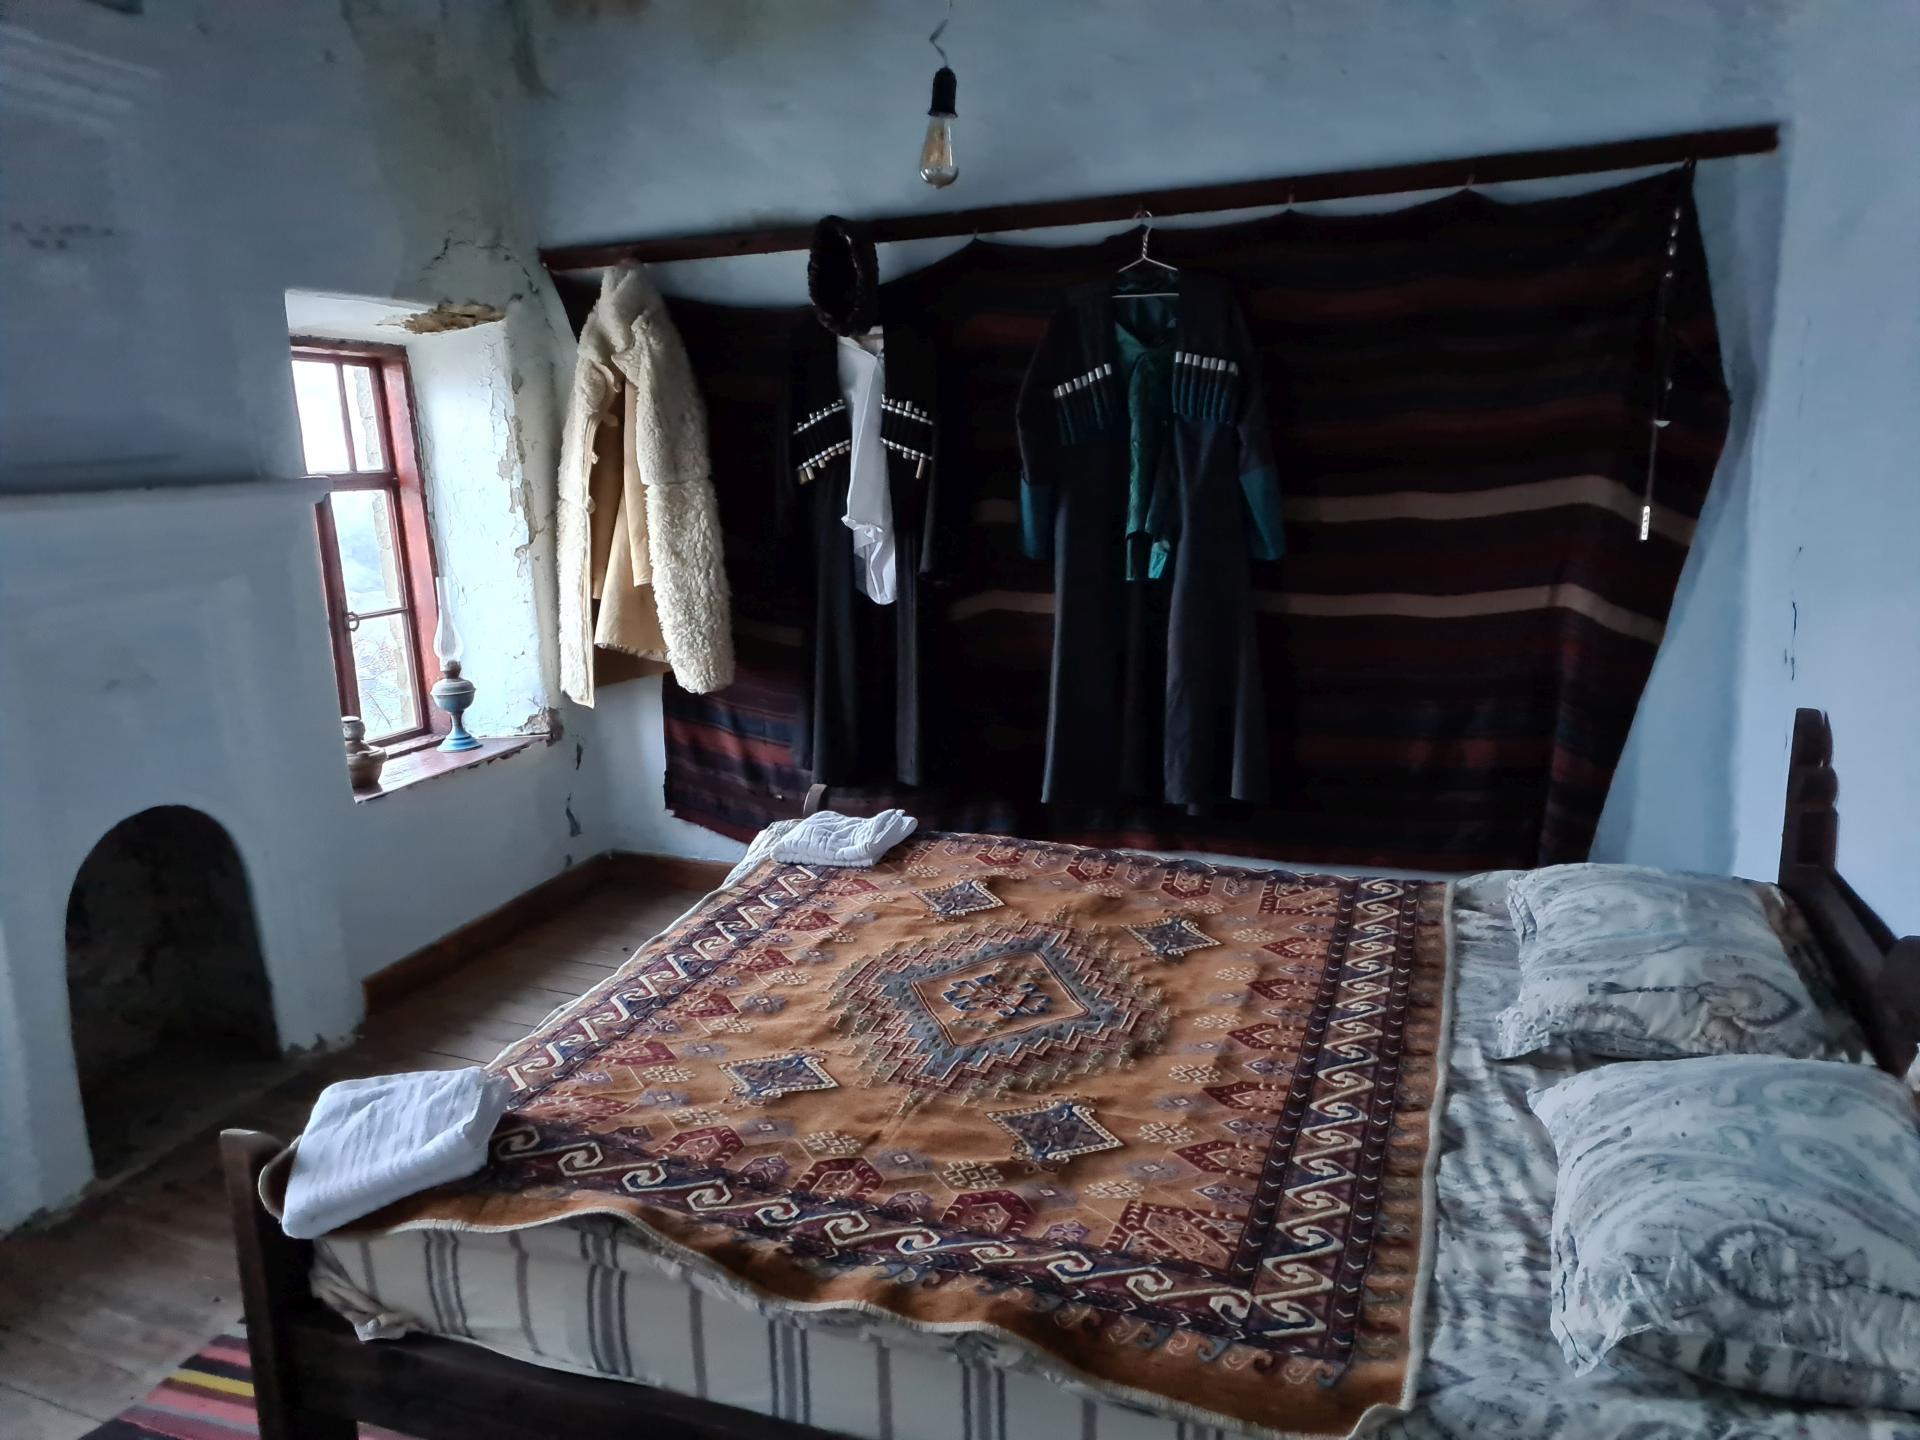 спальня дагестанского дома 19 века